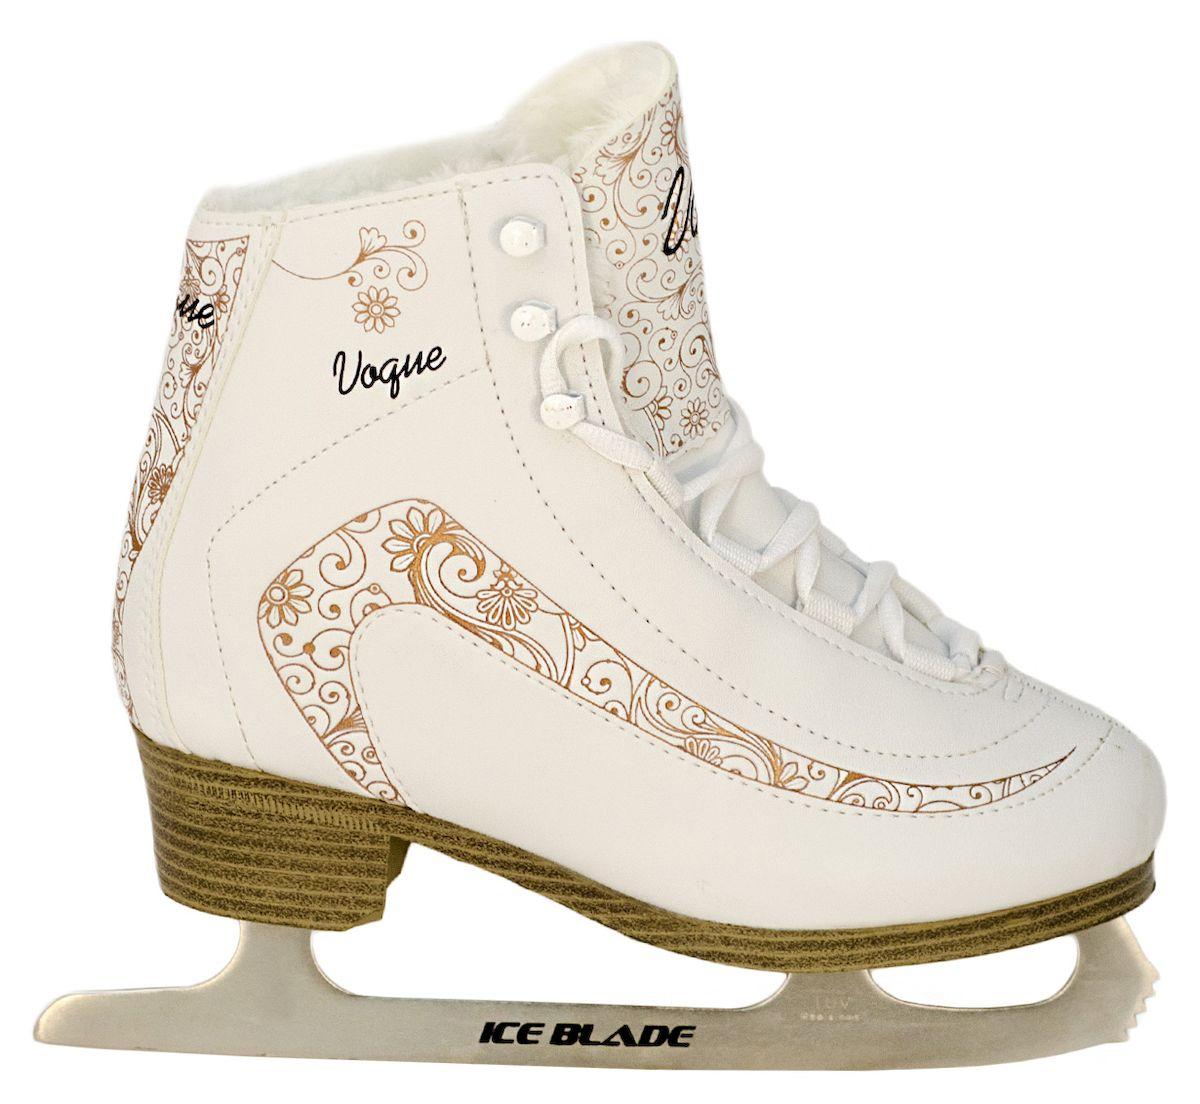 Коньки фигурные Ice Blade Vogue, цвет: белый, золотой. УТ-00006871. Размер 40